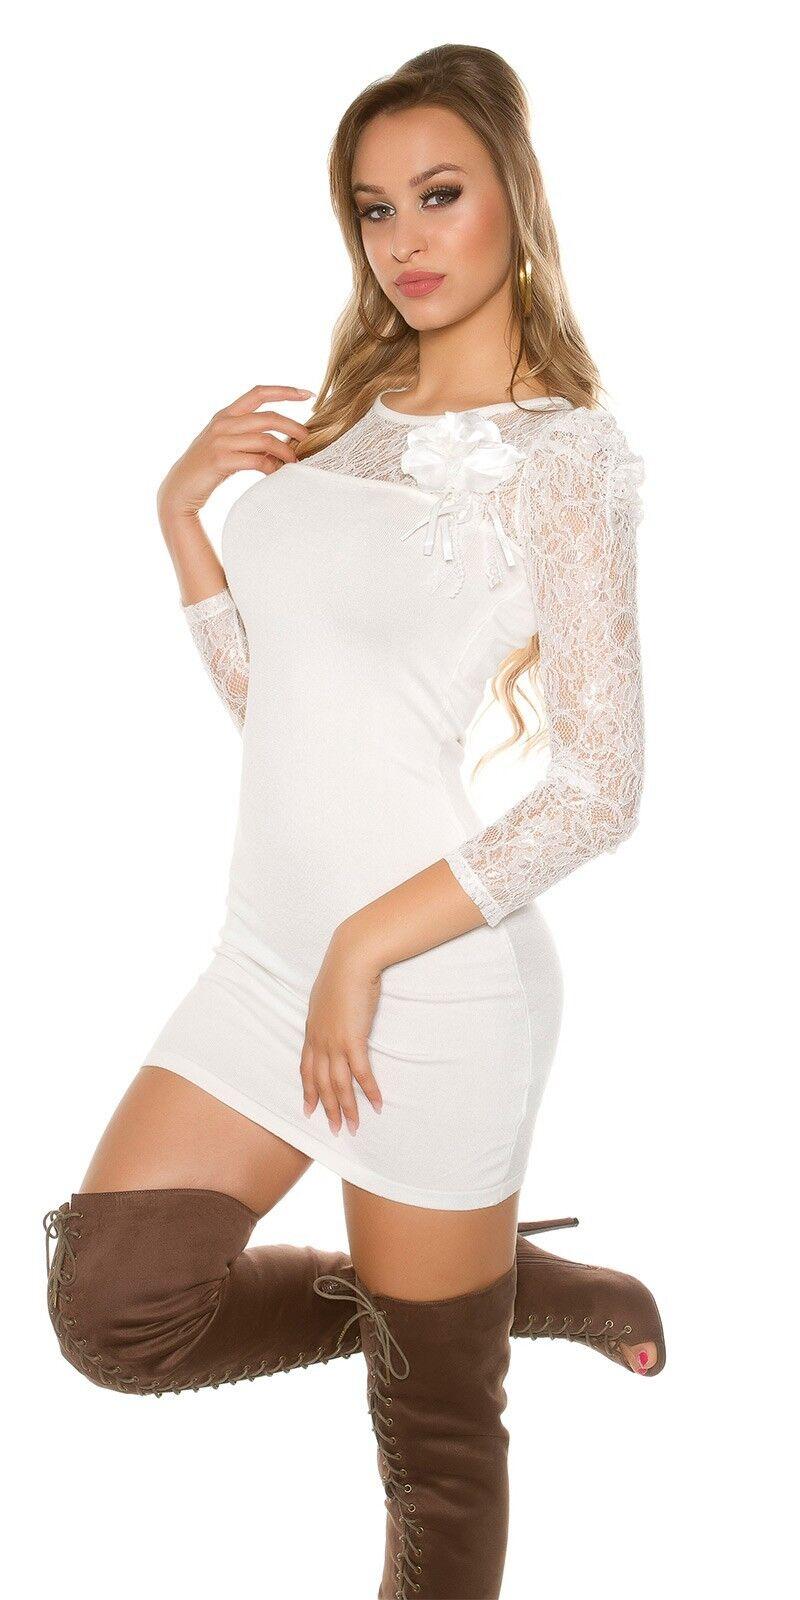 Koucla robe tricotée pull Minirobe pull tricotée pull long dentelle robe en dentelle Broche 326fdb